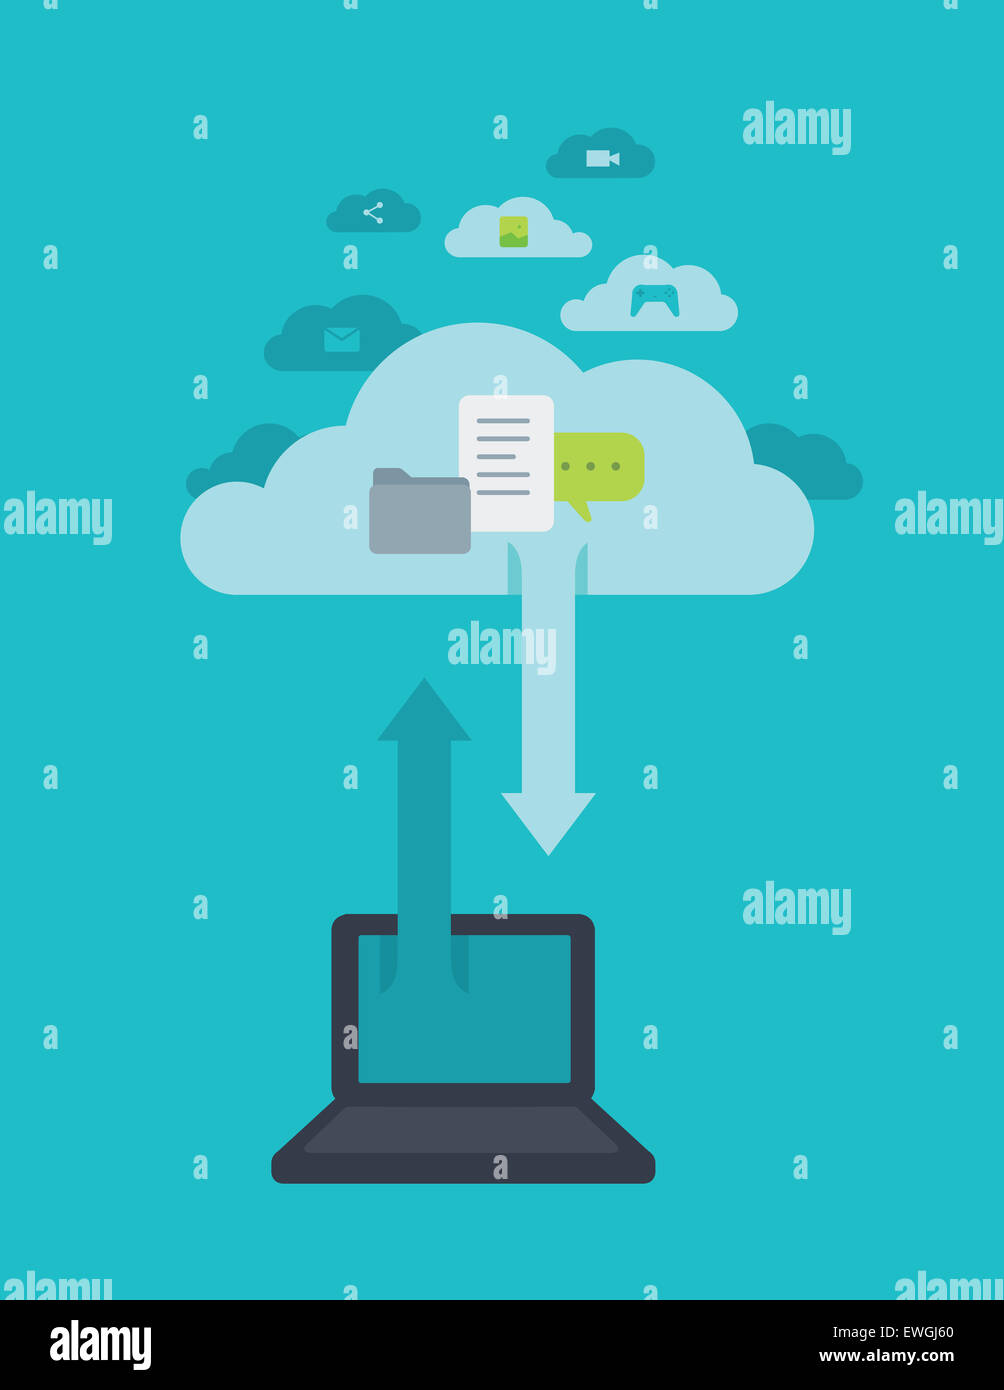 Imagen ilustrativa del portátil con el símbolo de la flecha en el cielo que representa el cloud computing Imagen De Stock